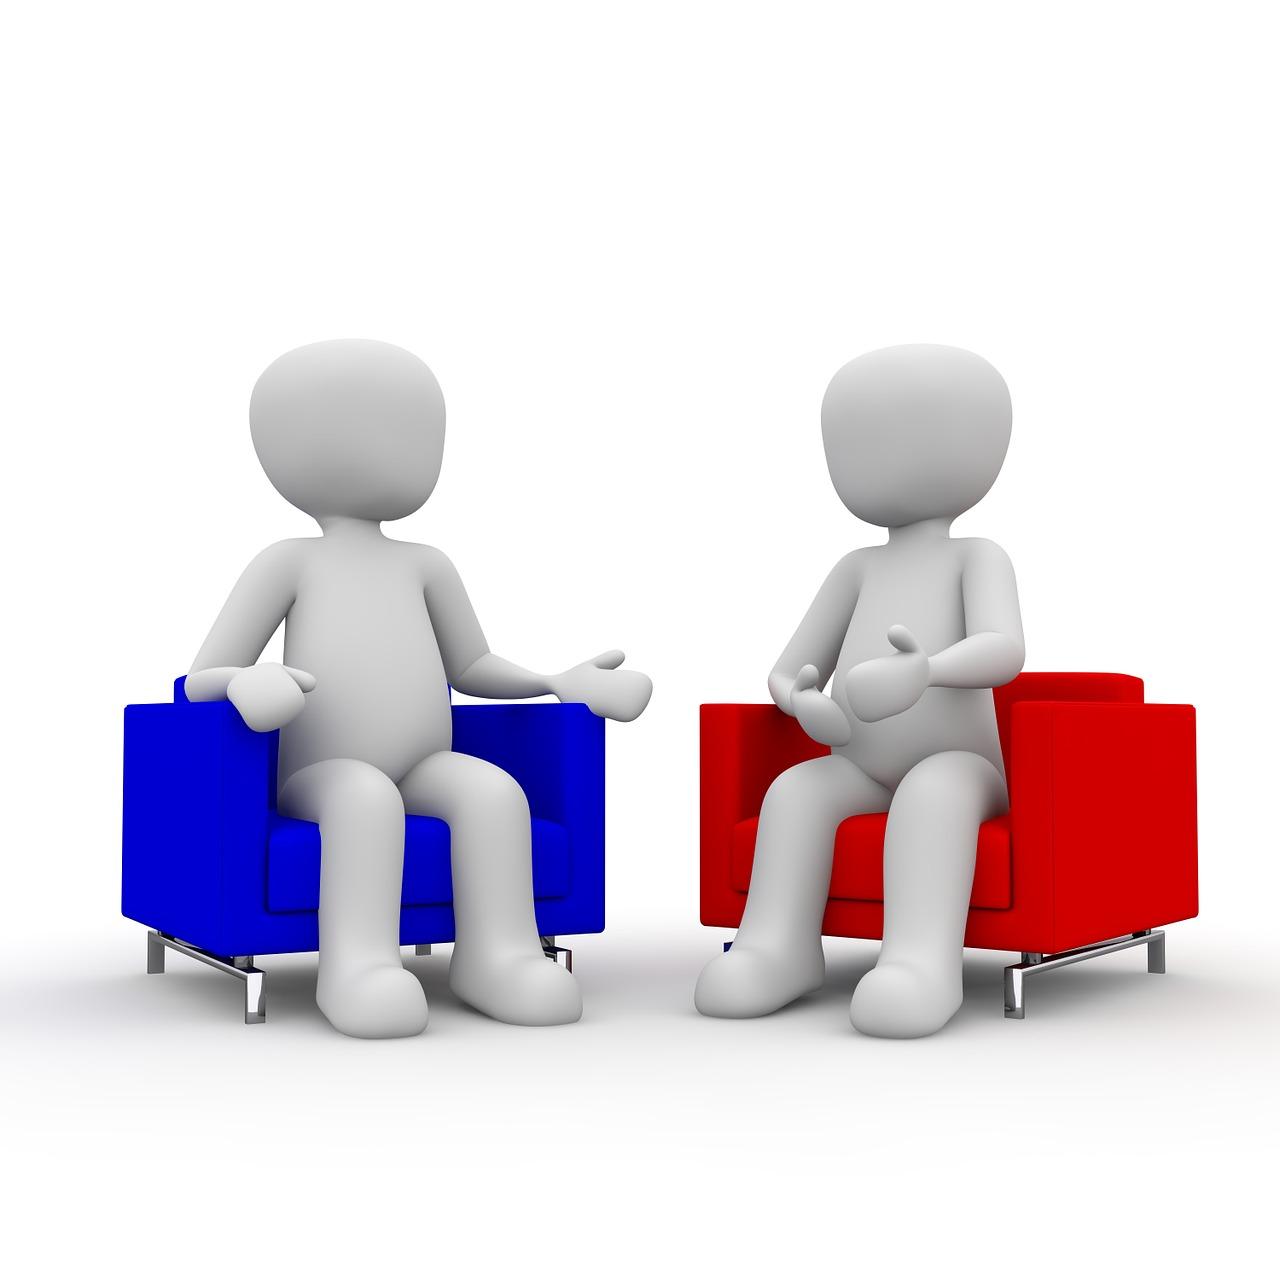 人の話をよく聞け。松下幸之助さんの言葉で感じること。「本当に言いたいこと」を聞くことの難しさと大切さ。